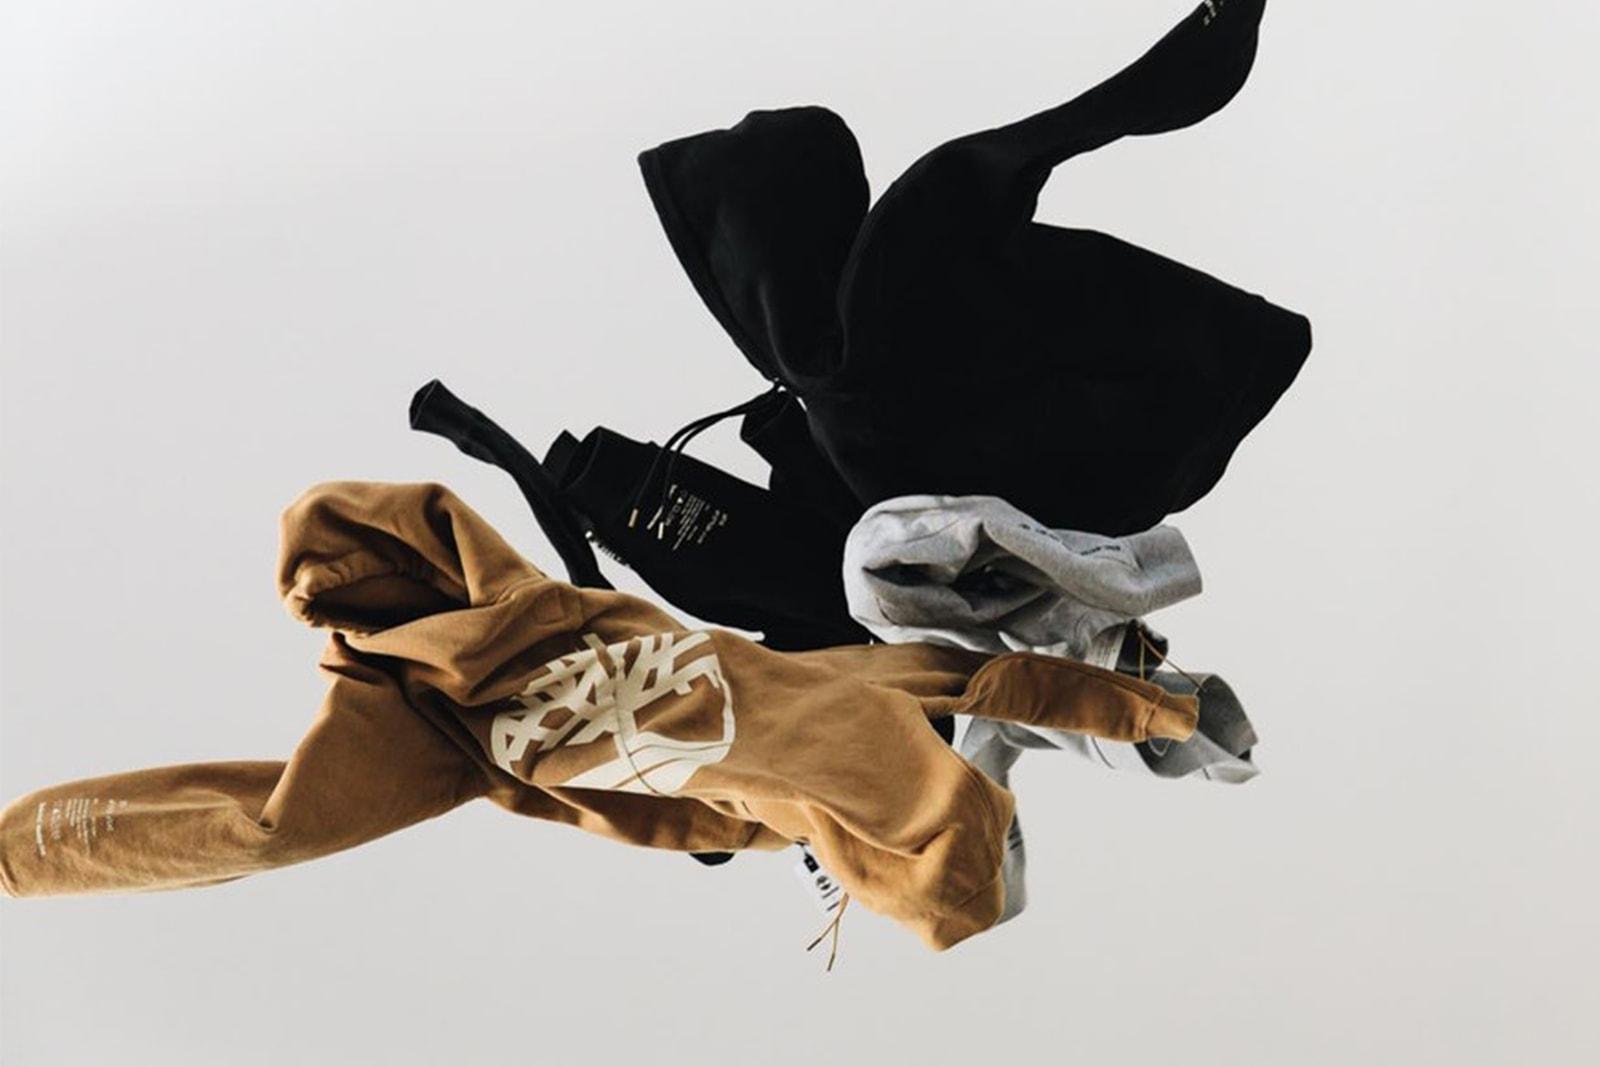 見逃したくない今週のリリースアイテム 6 選 〈A BATHING APE®︎〉x〈Dr.Martens〉や〈PACCBET〉x〈Carhartt WIP〉といったコラボアイテムに加え、〈Nike〉2018年春コレクションの主力スニーカーが怒涛のリリースラッシュ ベイプ ア ベイシング エイプ ドクターマーチン 8ホールブーツ 3ホールブーツ Jordan Brand ジョーダンブランド ナイキ Air Jordan 10 AJ10 ナケル・スミス アディダス スケートボーディング Matchcourt High RX マッチコート Air VaporMax Air VaporMax Plus ヴェイパーマックス マップラ ラスベート カーハート WIP DSMG ドーバーストリートマーケット  ゴーシャ・ラブチンスキー モンキータイム ティンバーランド BY ビューティーアンドユース HYPEBEAST ハイプビースト